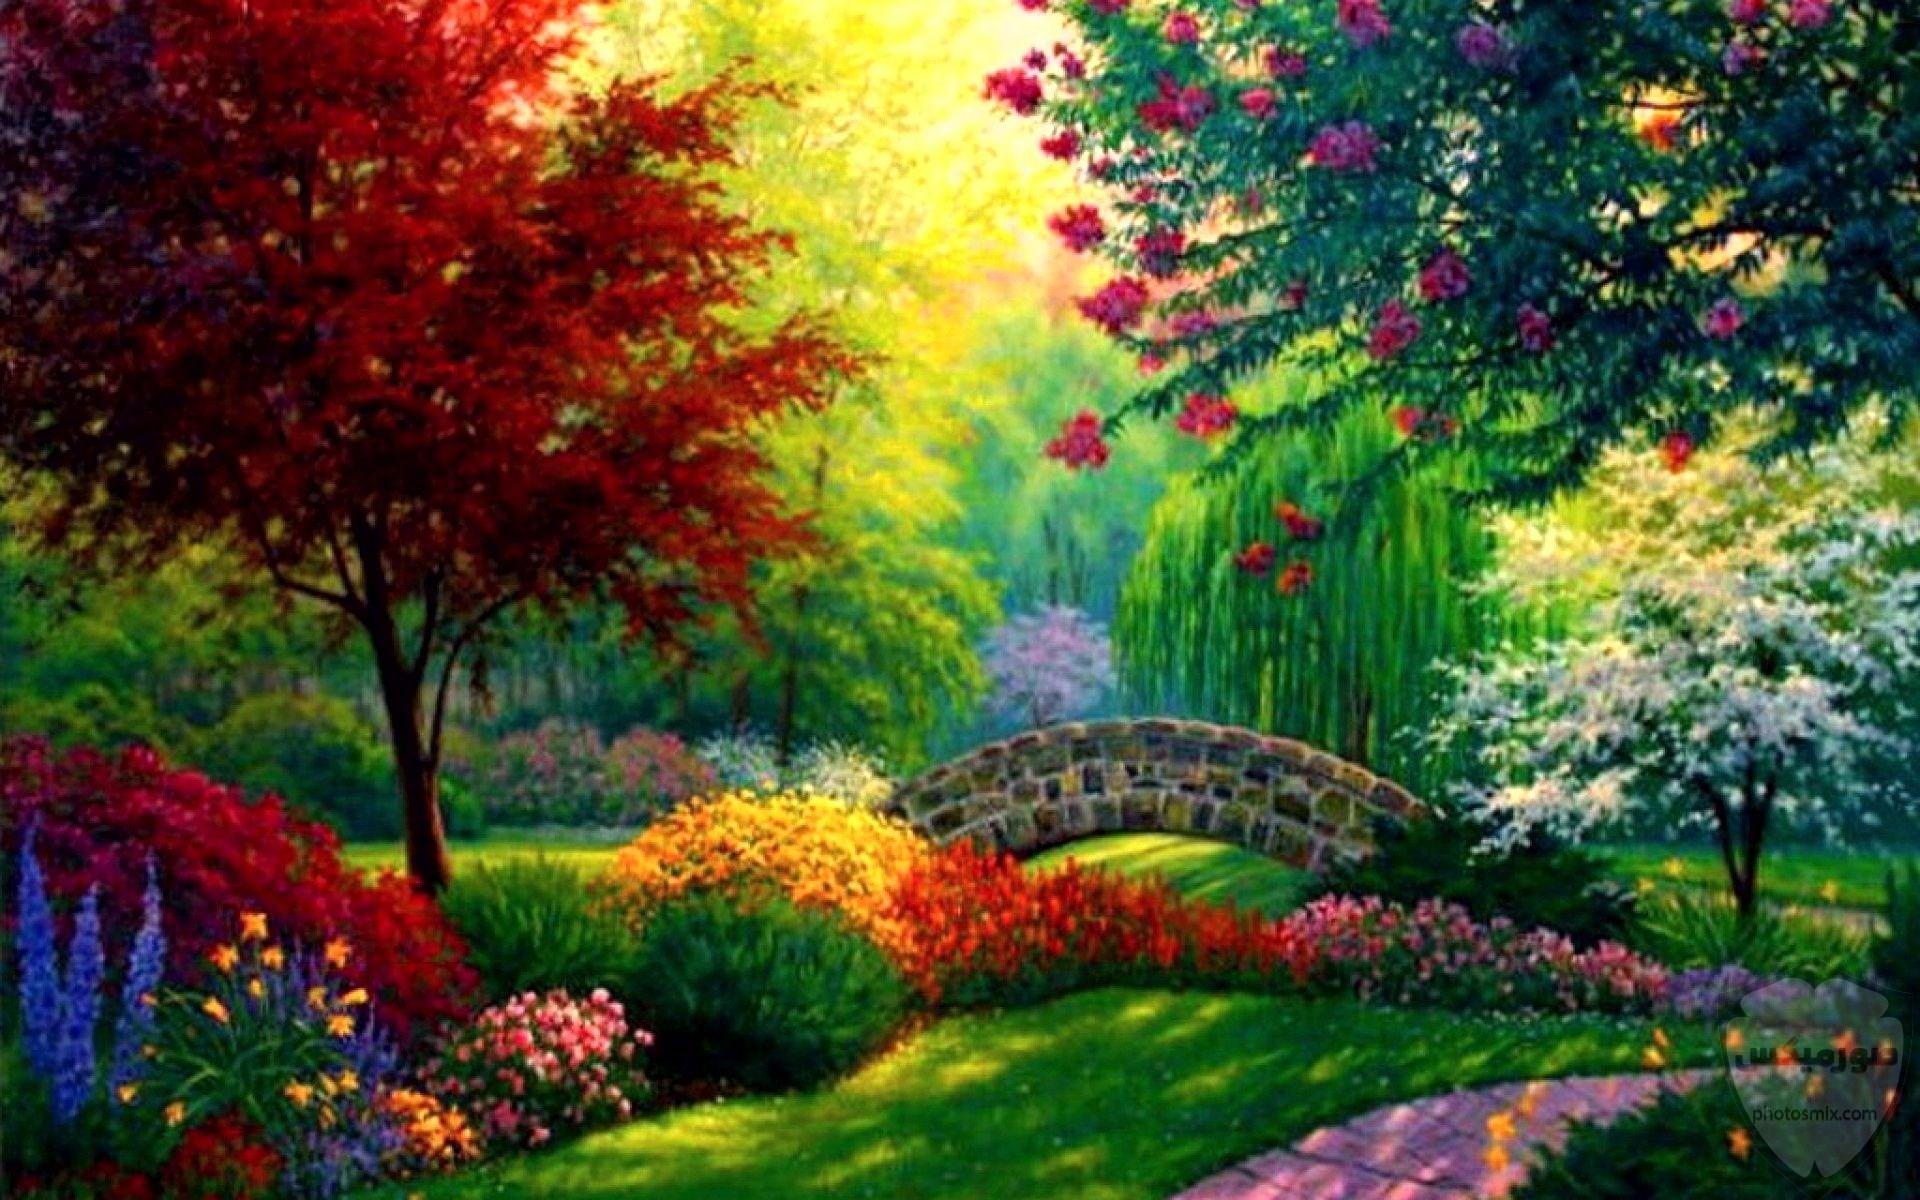 مكونات الطبيعة جمال الطبيعة فوائد الطبيعة صورمن الطبيعة 10